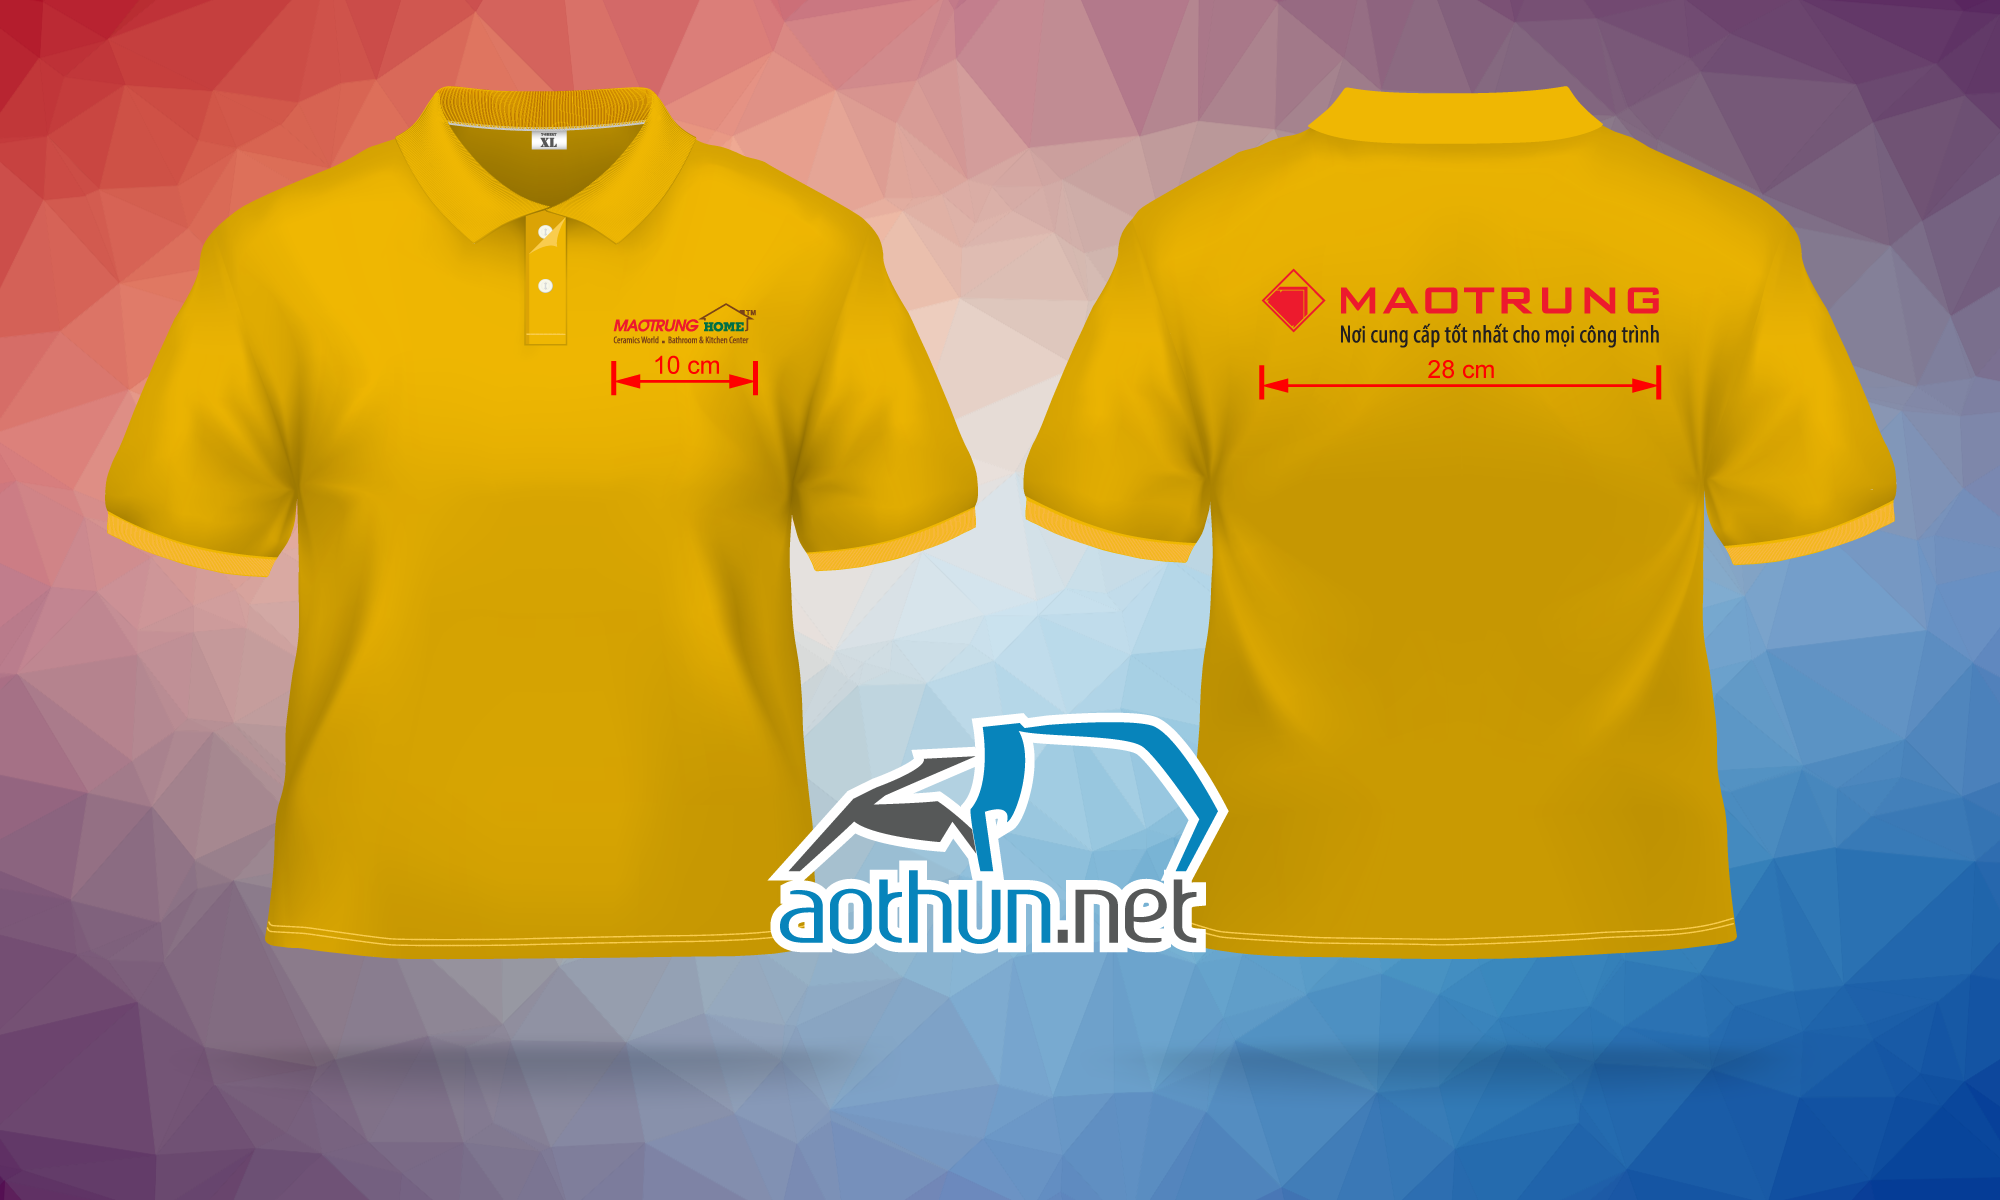 In áo thun đồng phục giá tốt chất lượng cao cho Công Ty Mao Trung tại Quận 10